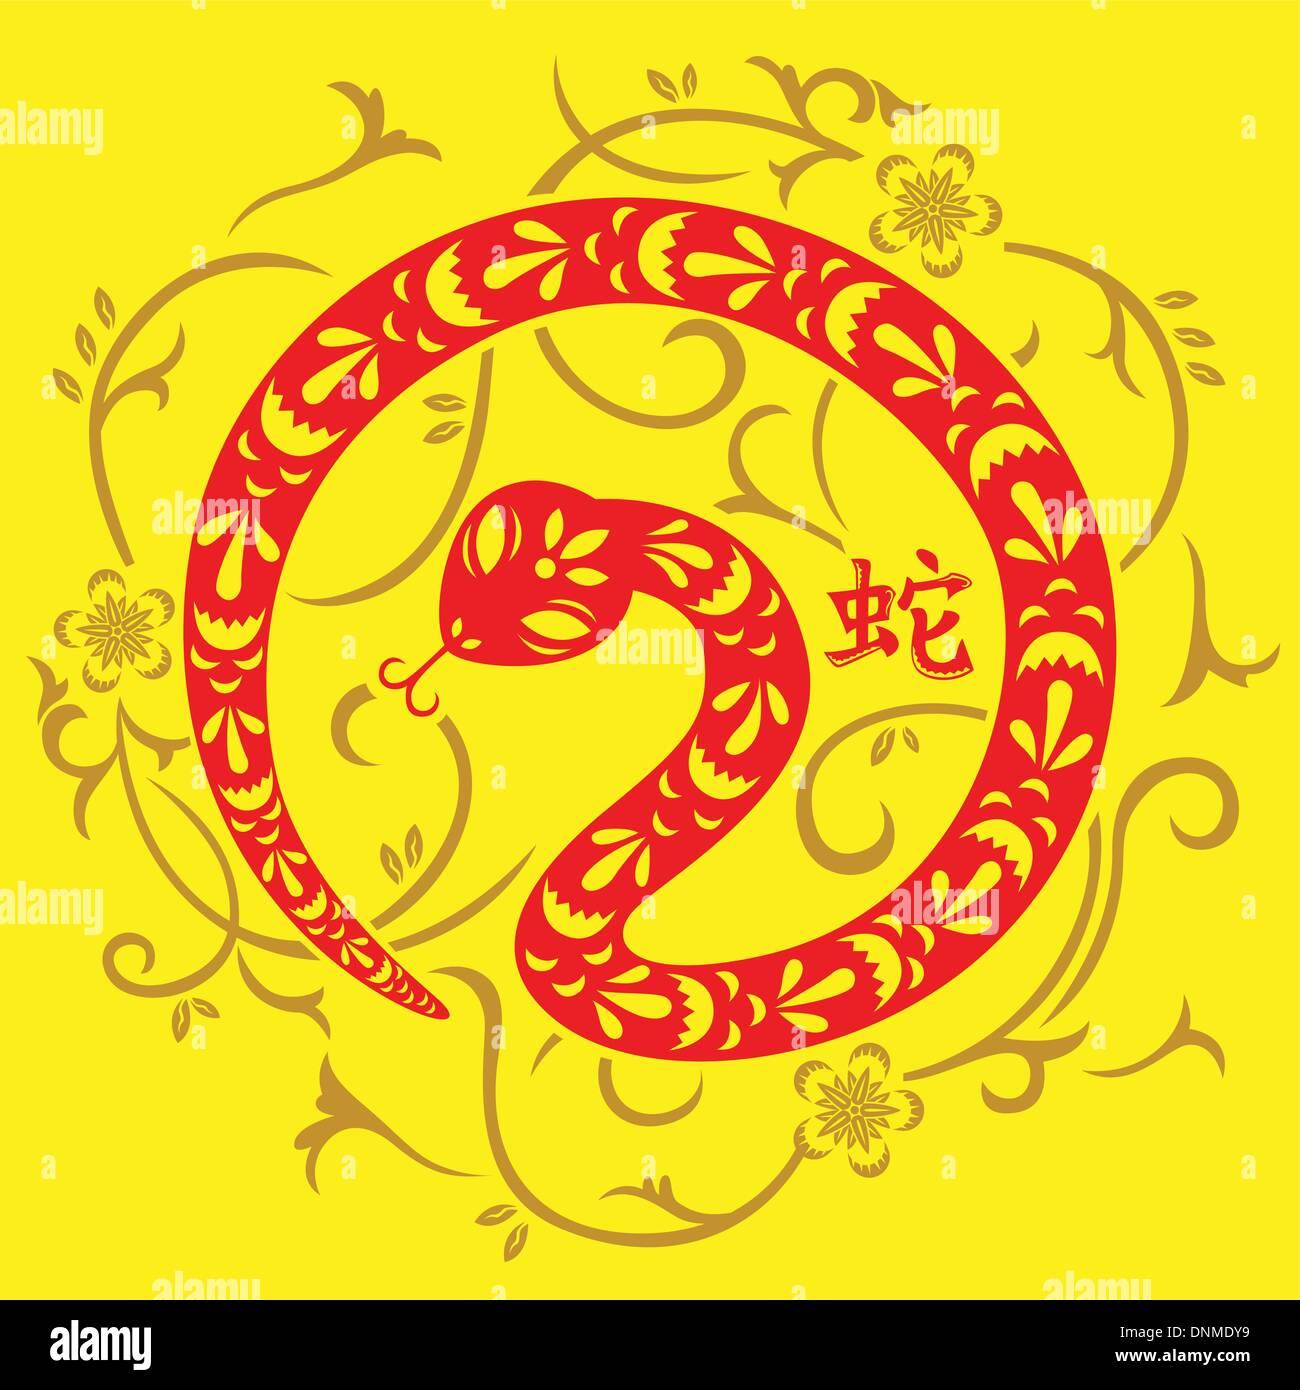 Jahr der Schlange Design für chinesische Neujahrsfest eine Vektor-illustration Stockbild